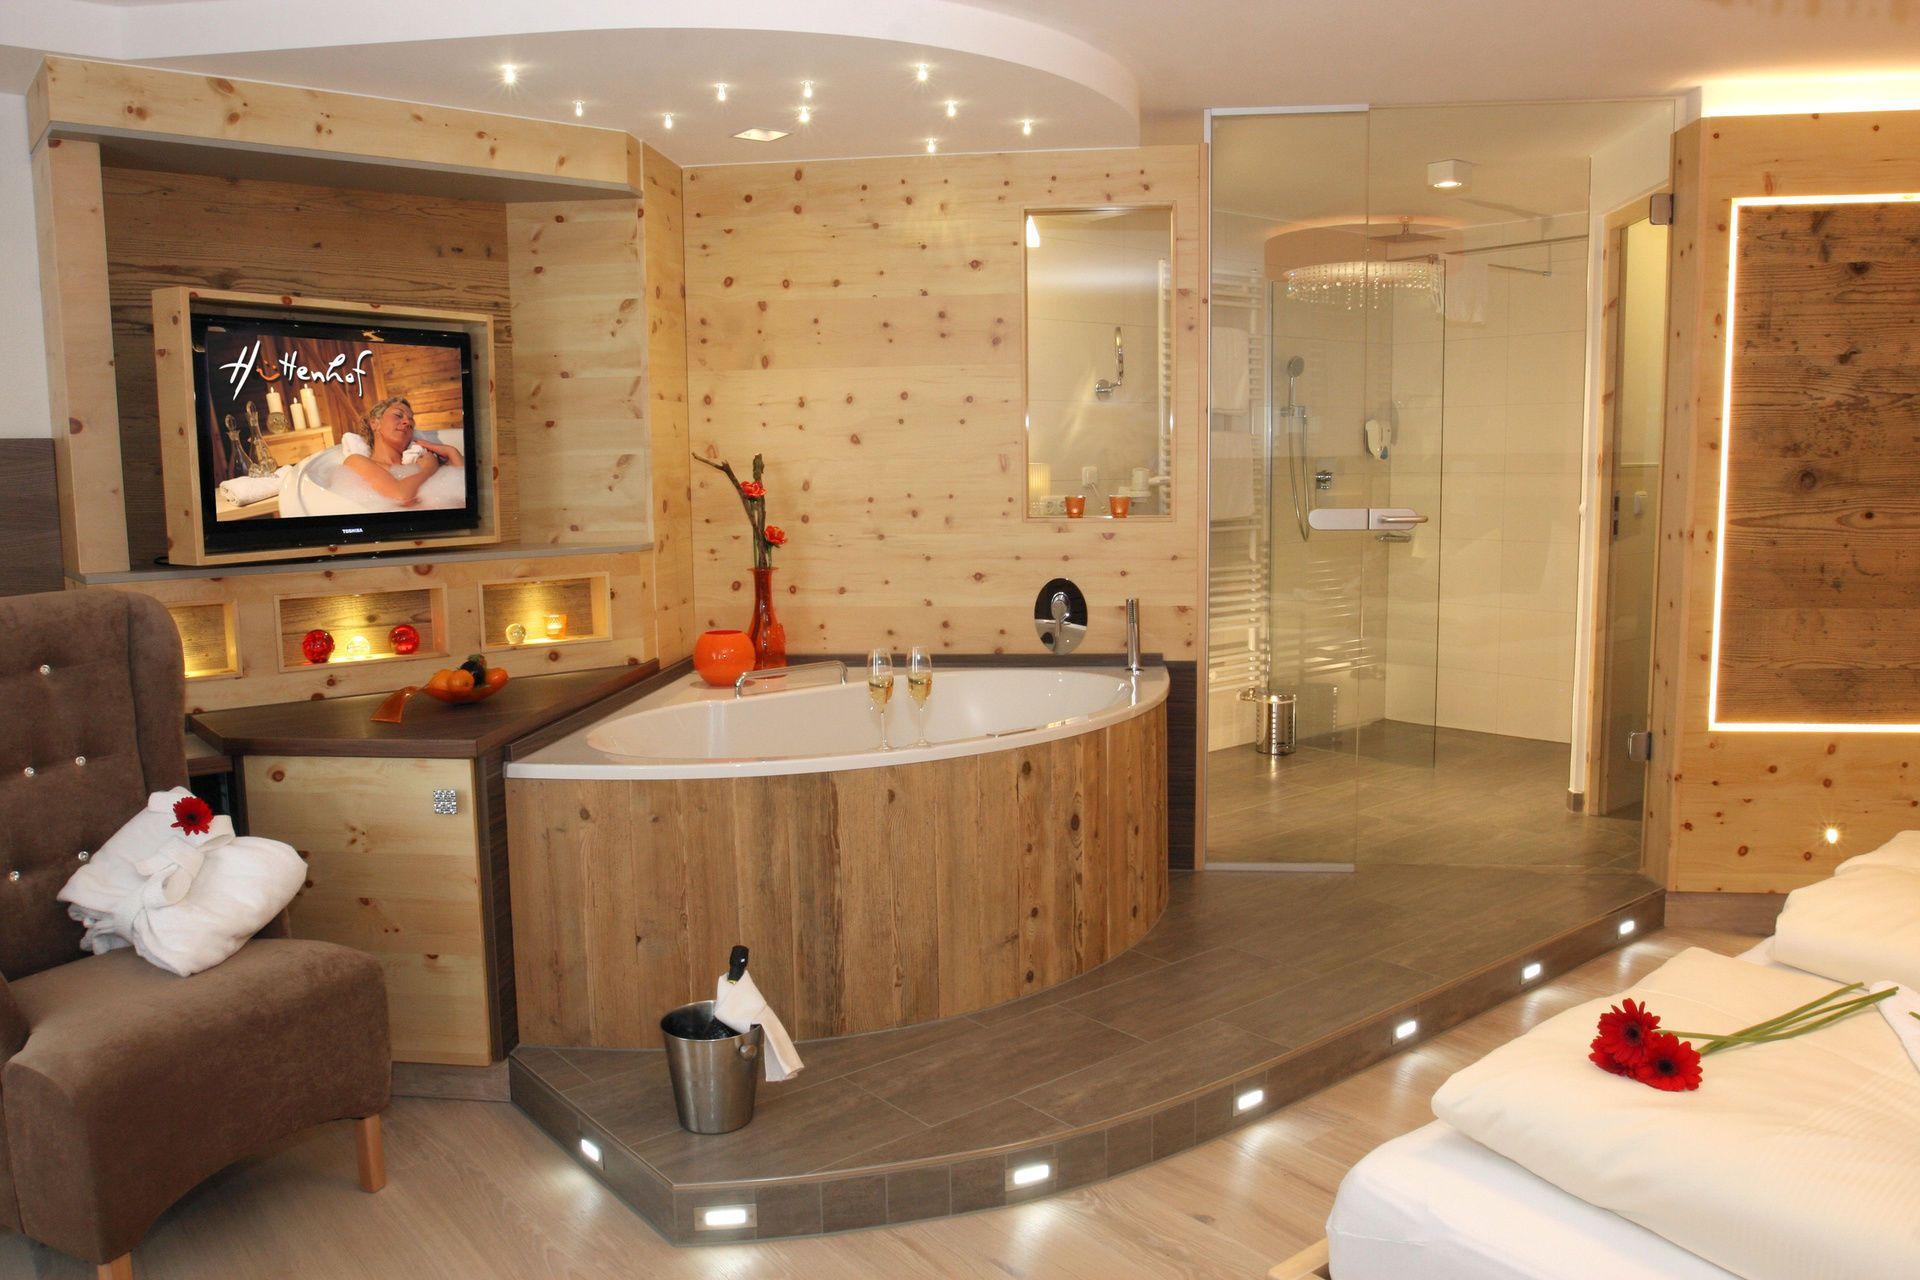 Mini Honeymoon Gemutliche Zimmer Im Hotel Huttenhof Bayerischer Wald Wellness Bayerischer Wald Gemutliches Zimmer Luxus